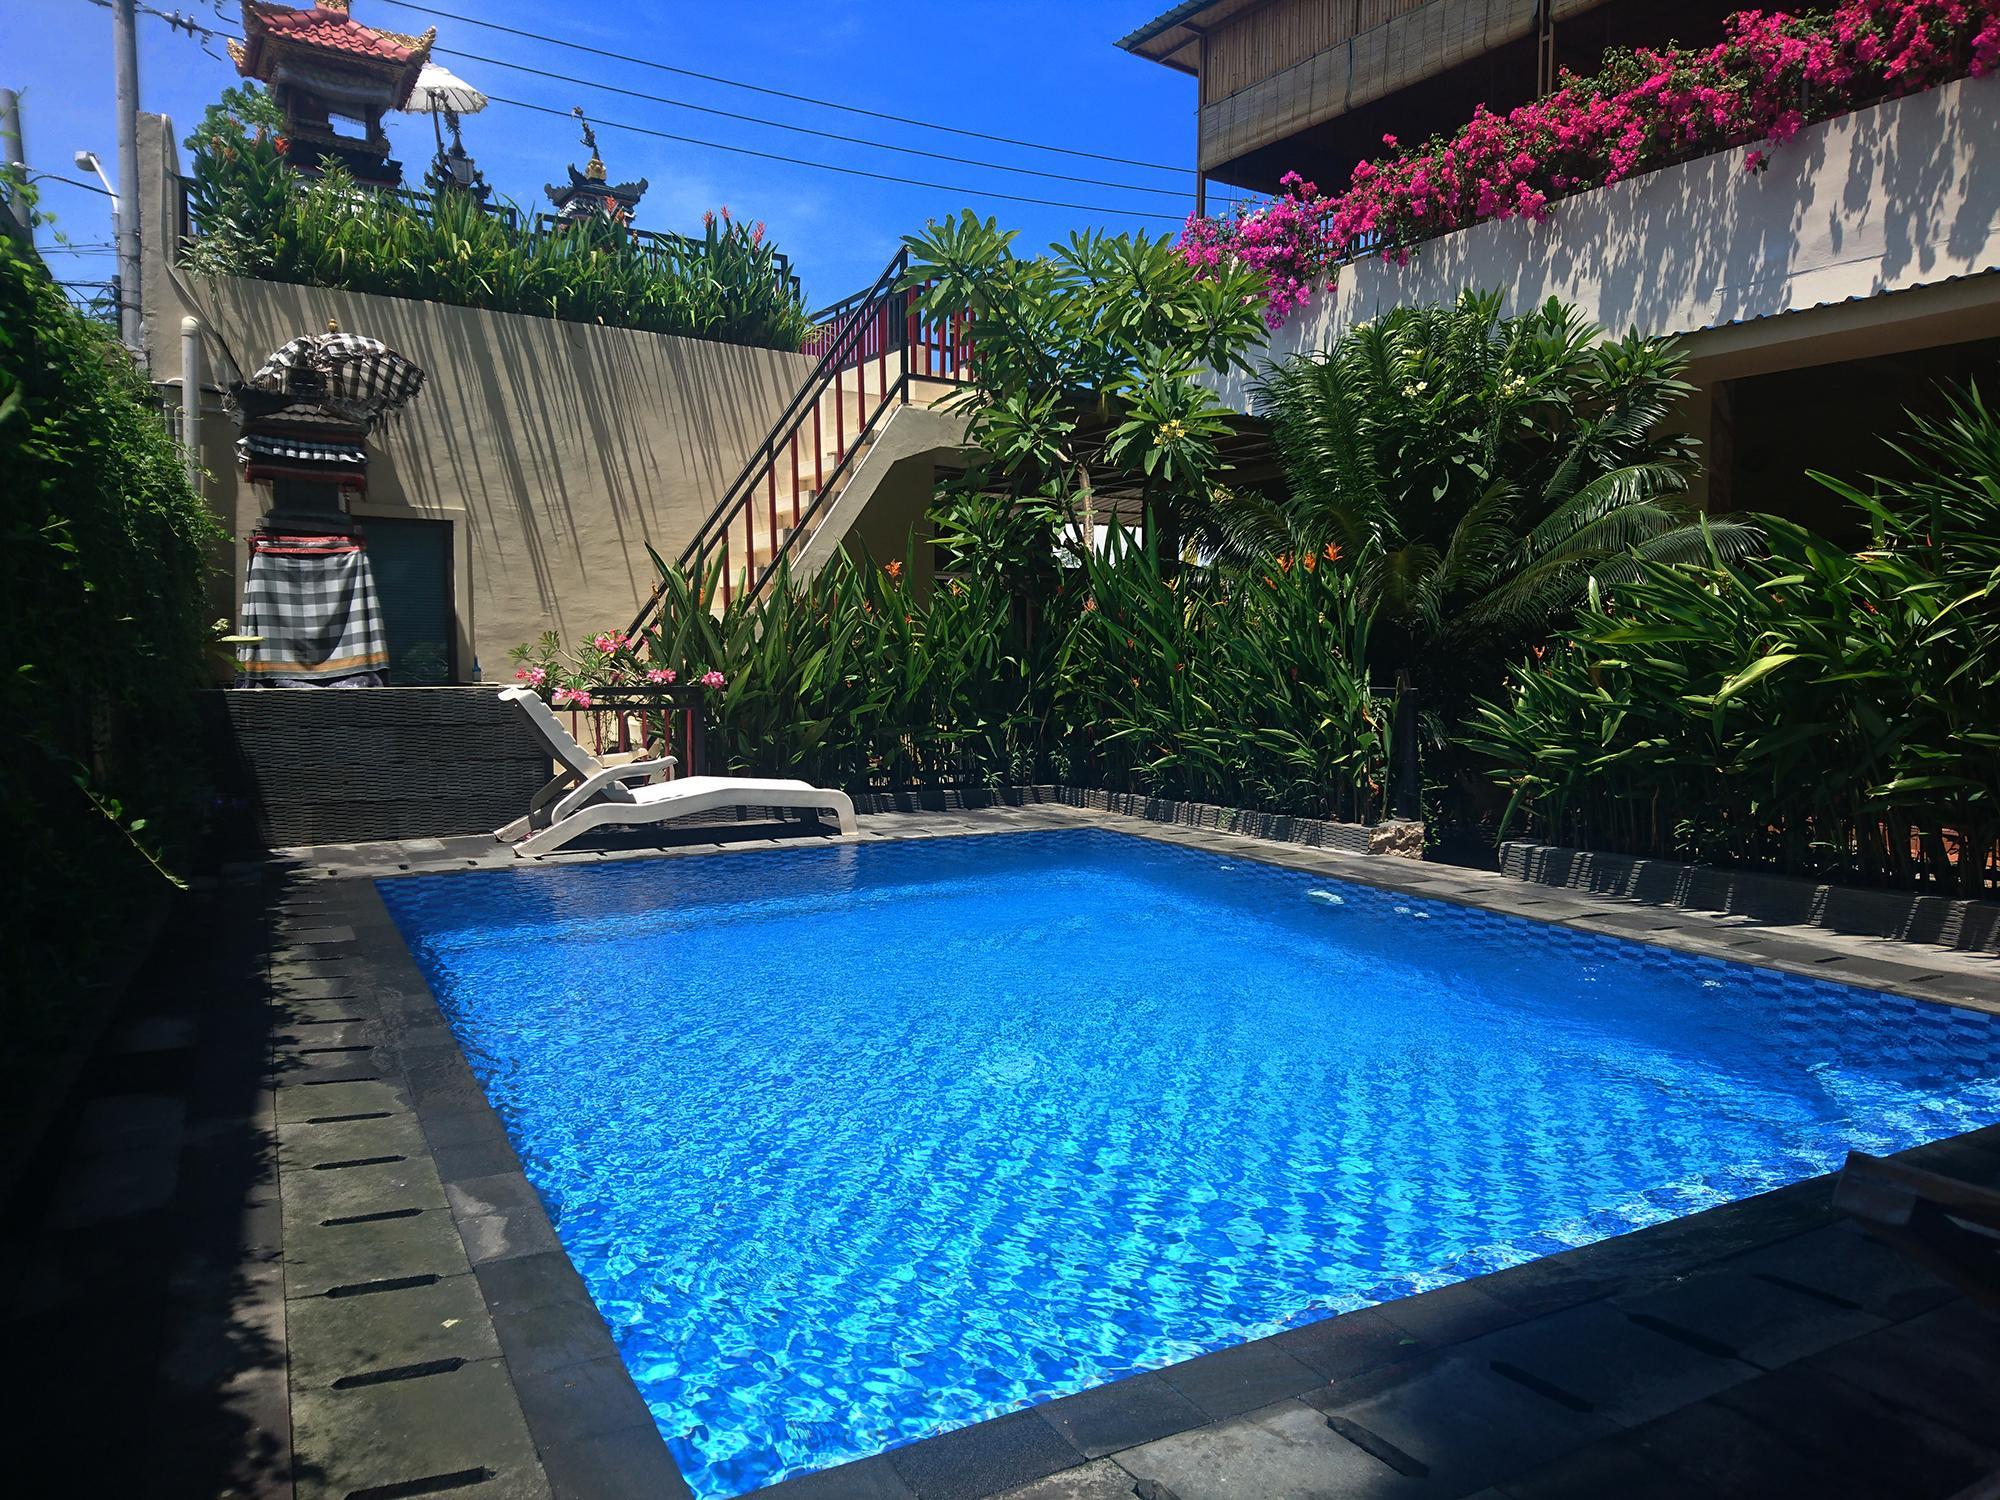 Rantun's Place Nusa Dua